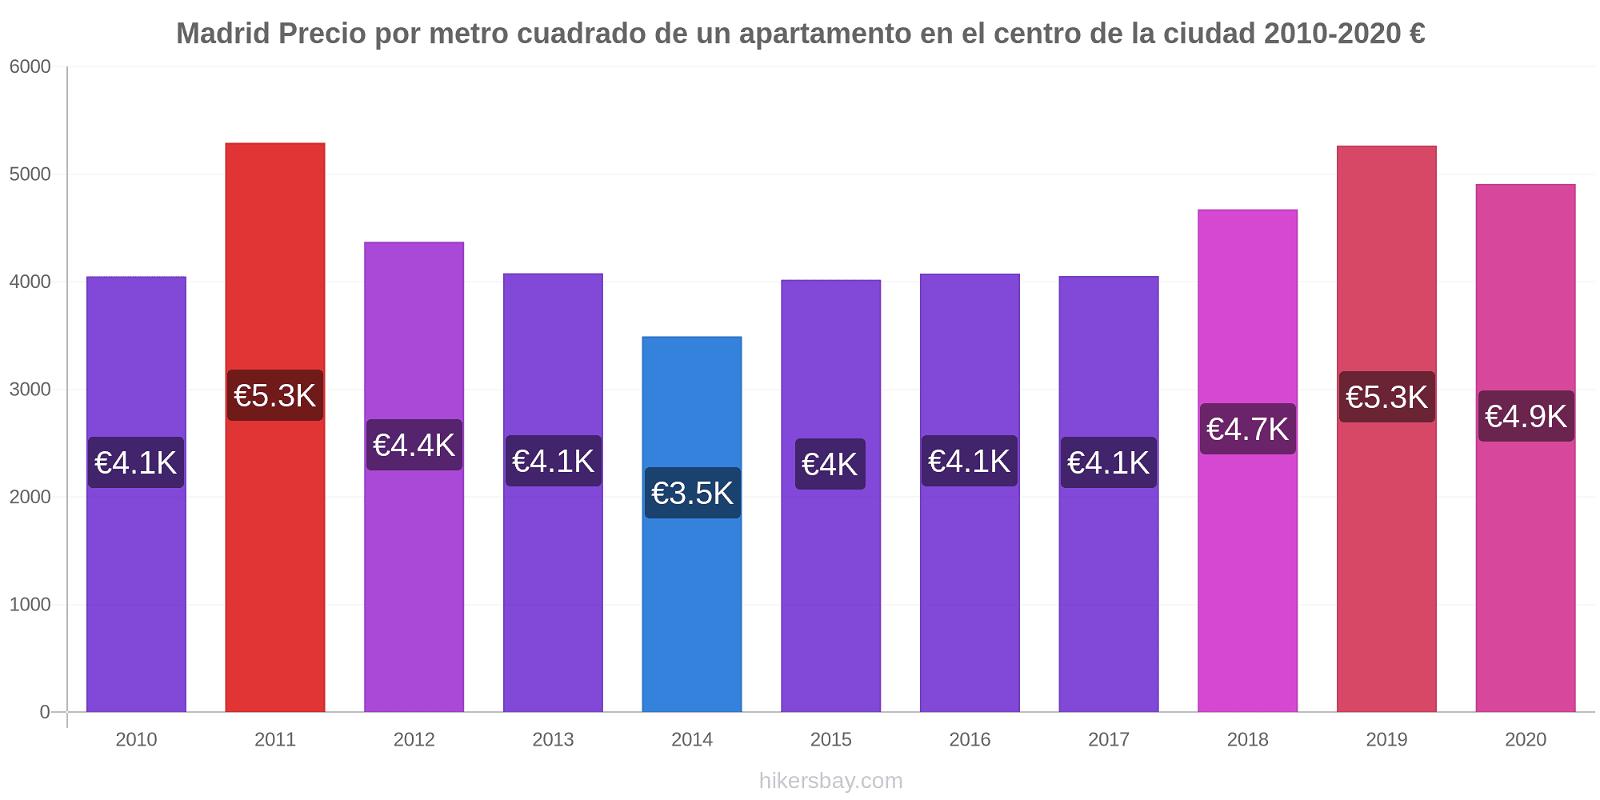 Madrid cambios de precios Precio por metro cuadrado para comprar un apartamento en el centro de la ciudad hikersbay.com